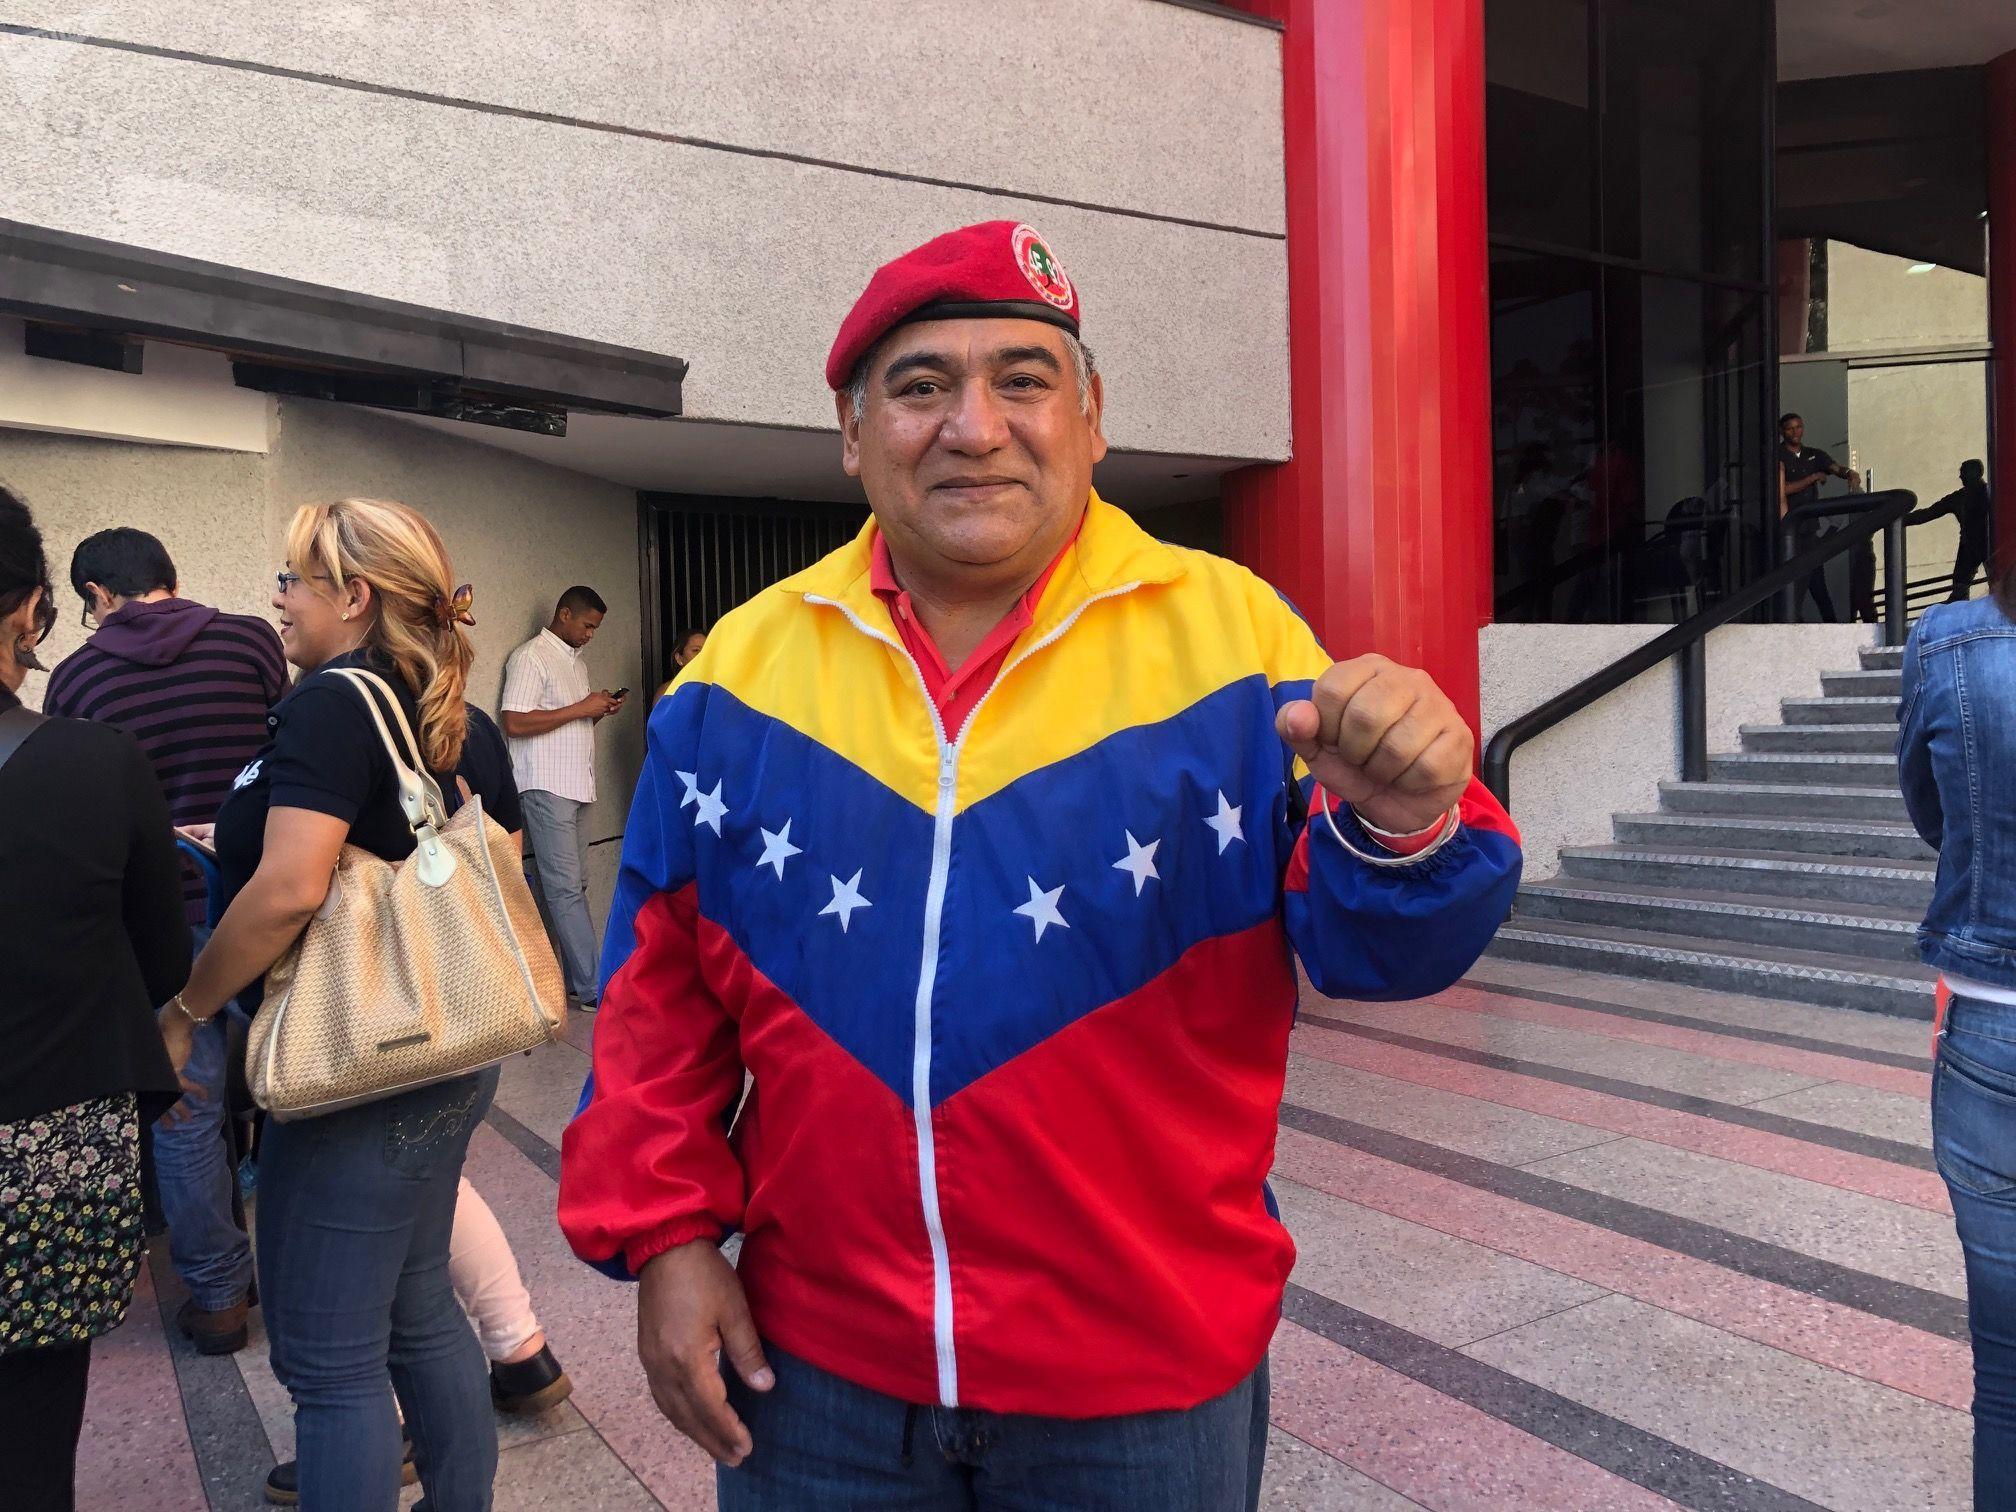 El mayor Fran Morales fue a la última edición de 'Con el mazo dando': este constituyente participó activamente de la Revolución bolivariana y estuvo con Chávez en su intento de golpe de Estado a Carlos Andrés Pérez en 1992